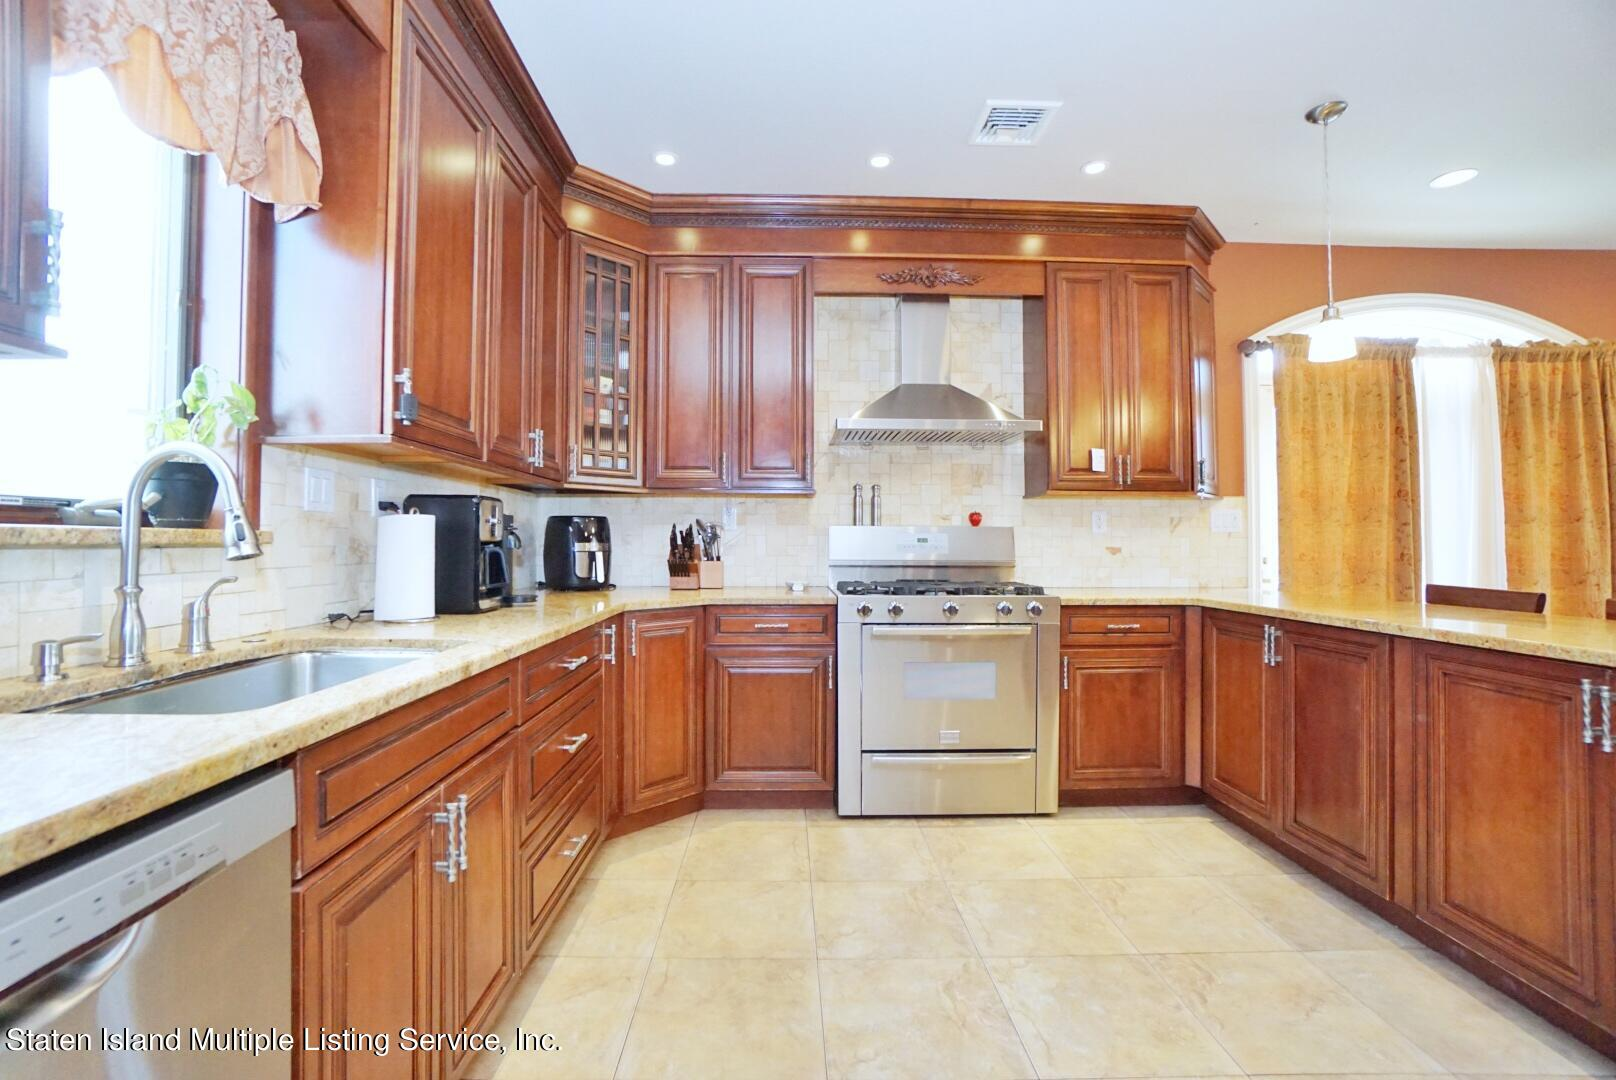 Single Family - Detached 206 Ramapo Avenue  Staten Island, NY 10309, MLS-1147193-14